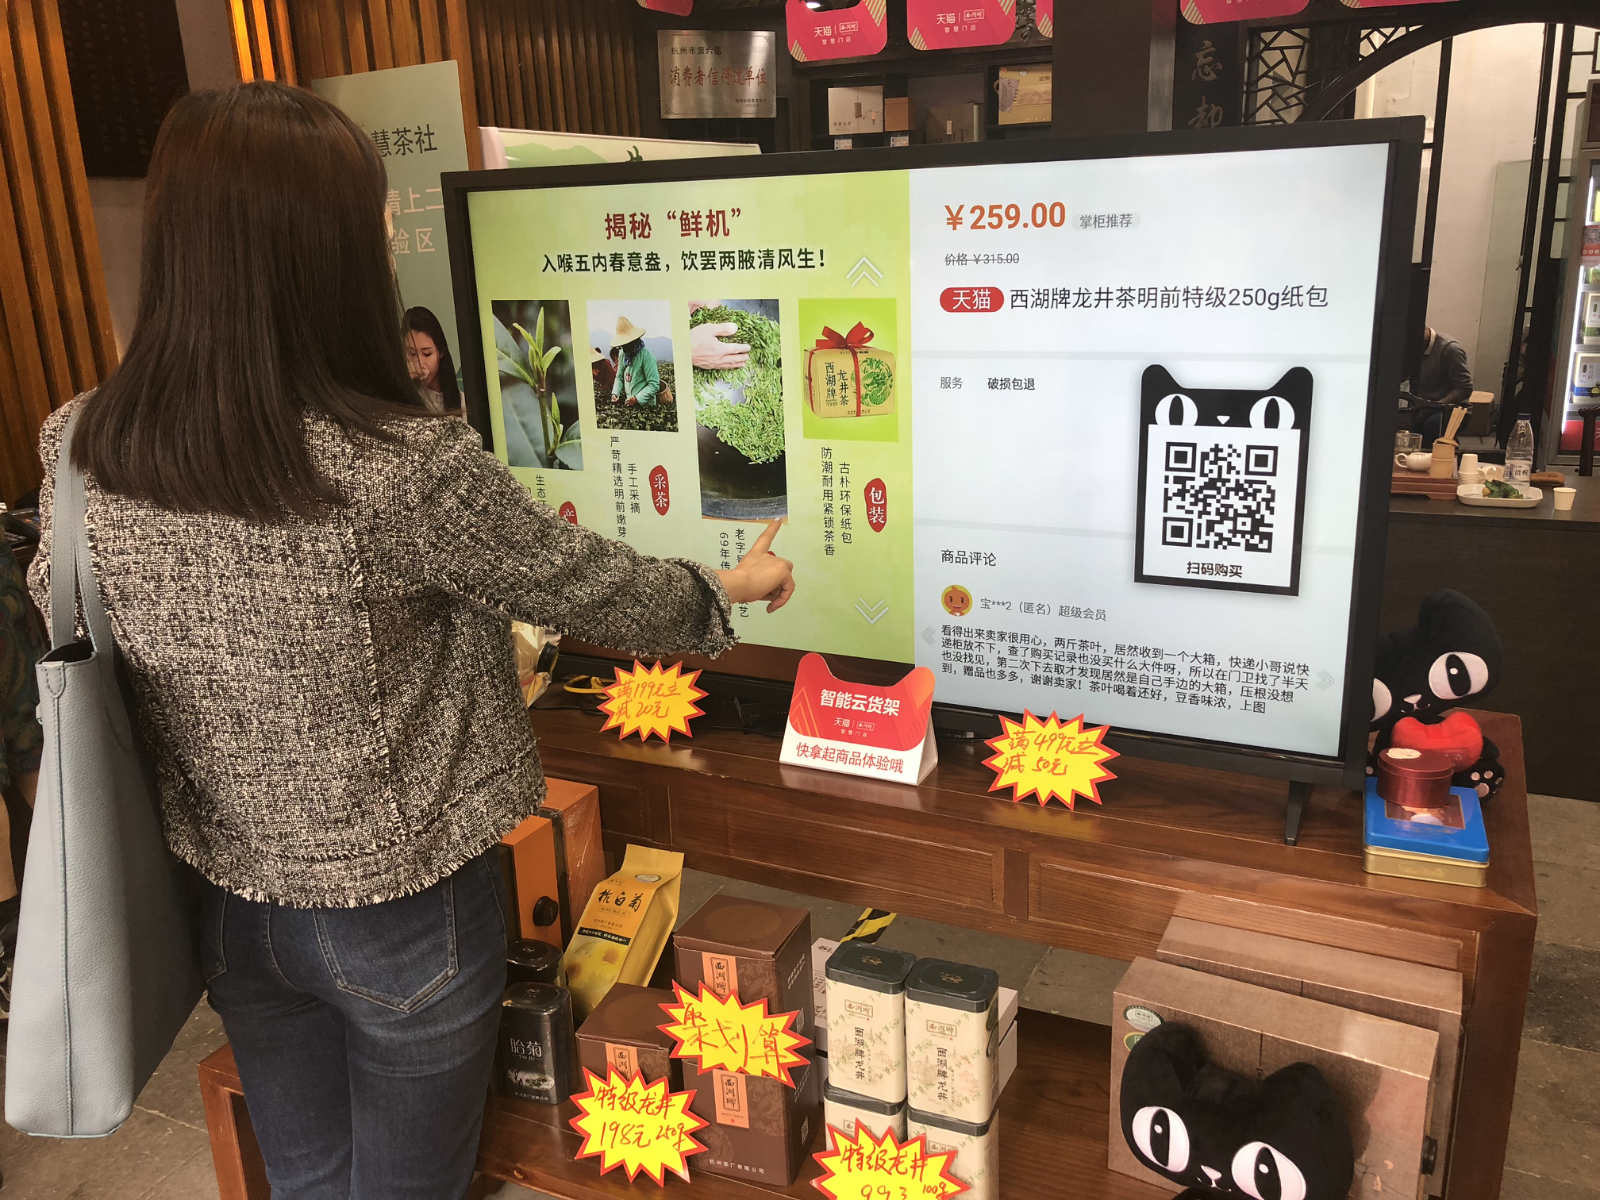 天猫联合数十家茶企开设新零售茶馆